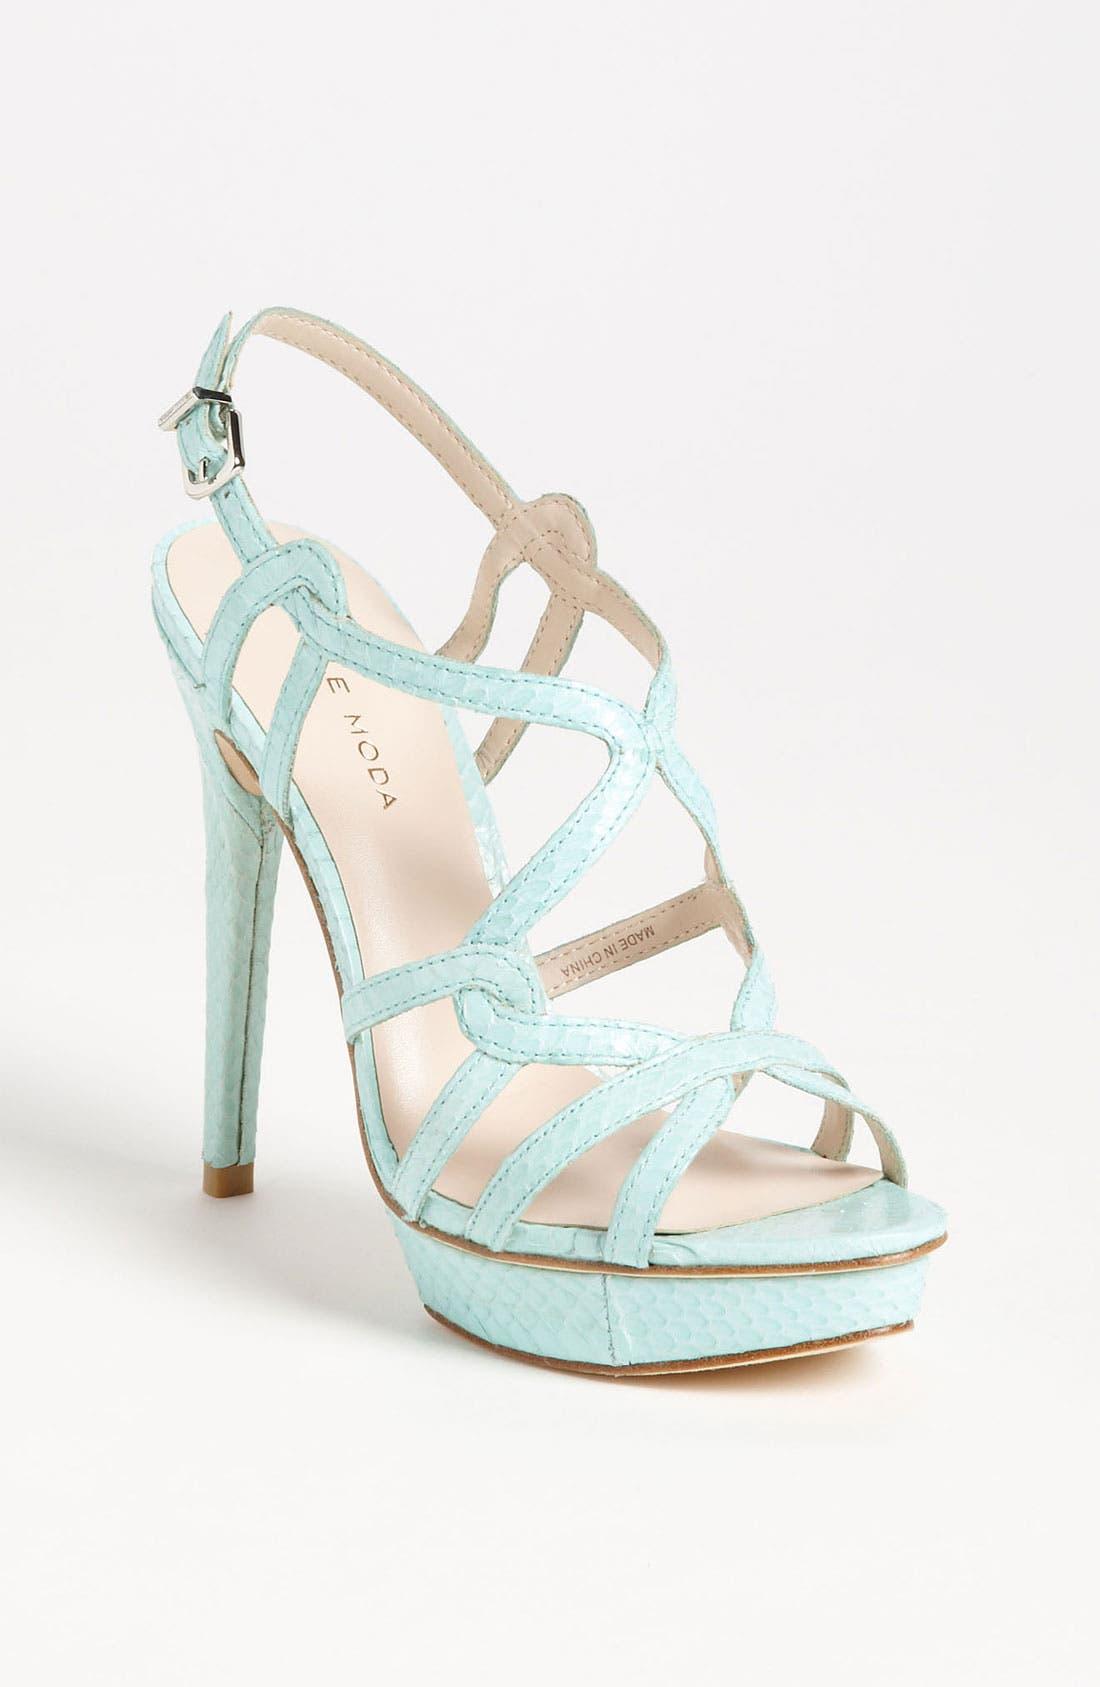 Alternate Image 1 Selected - Pelle Moda 'Flirty' Sandal